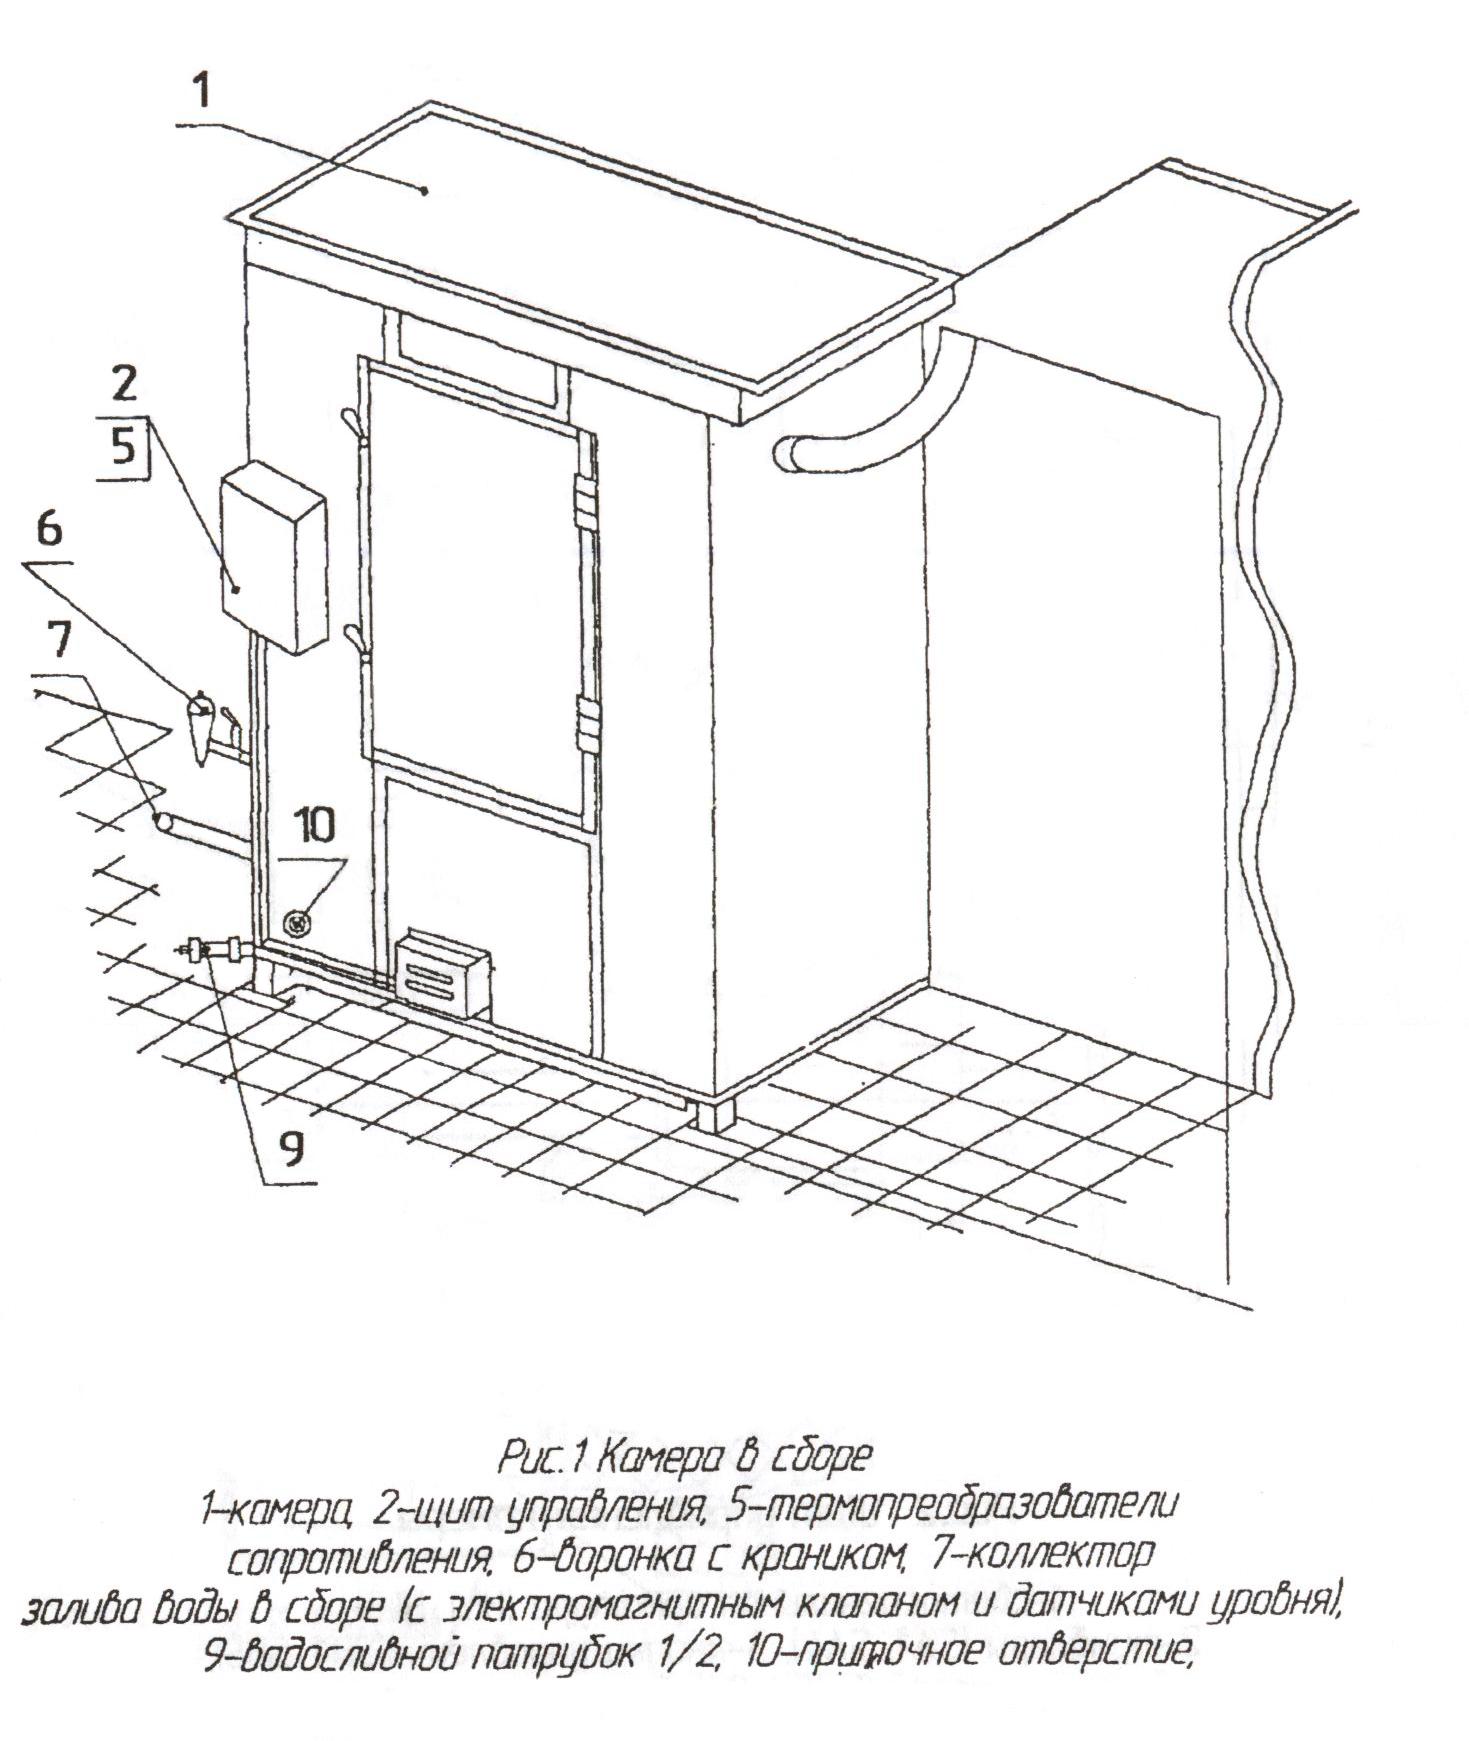 Общаяя схема элементов ДЭЗ камеры